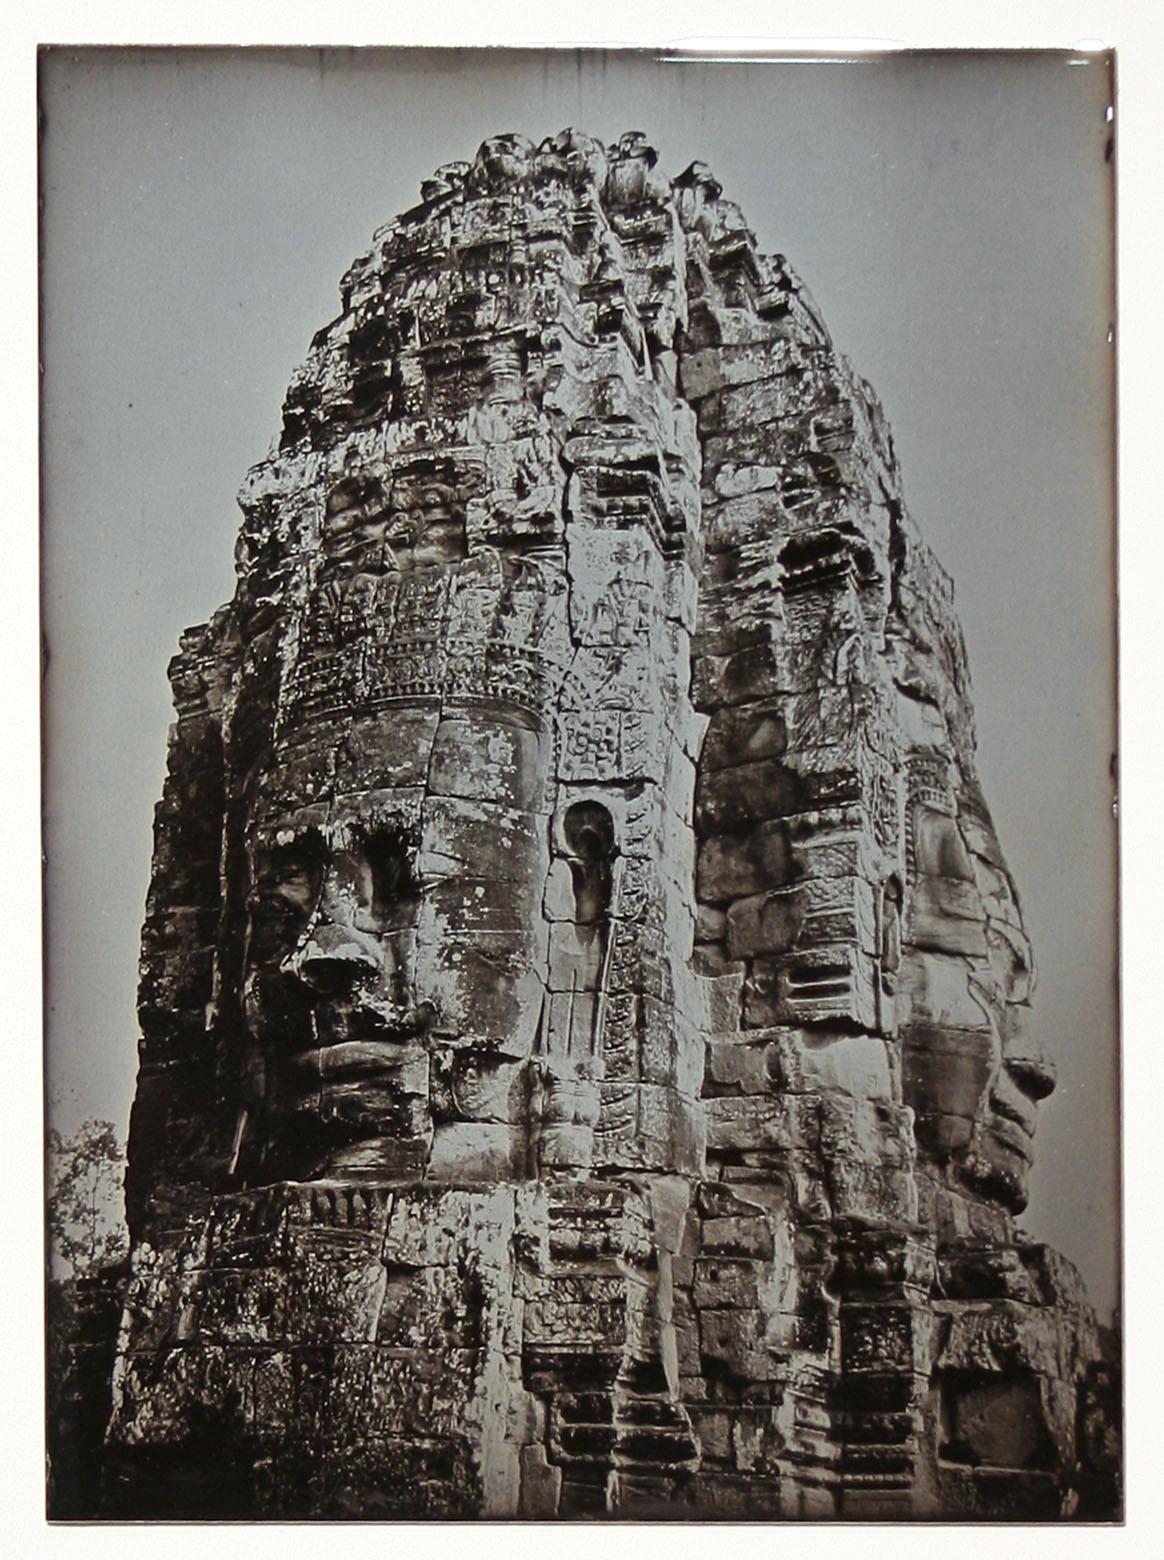 bd.BuddhasofBayon.jpg